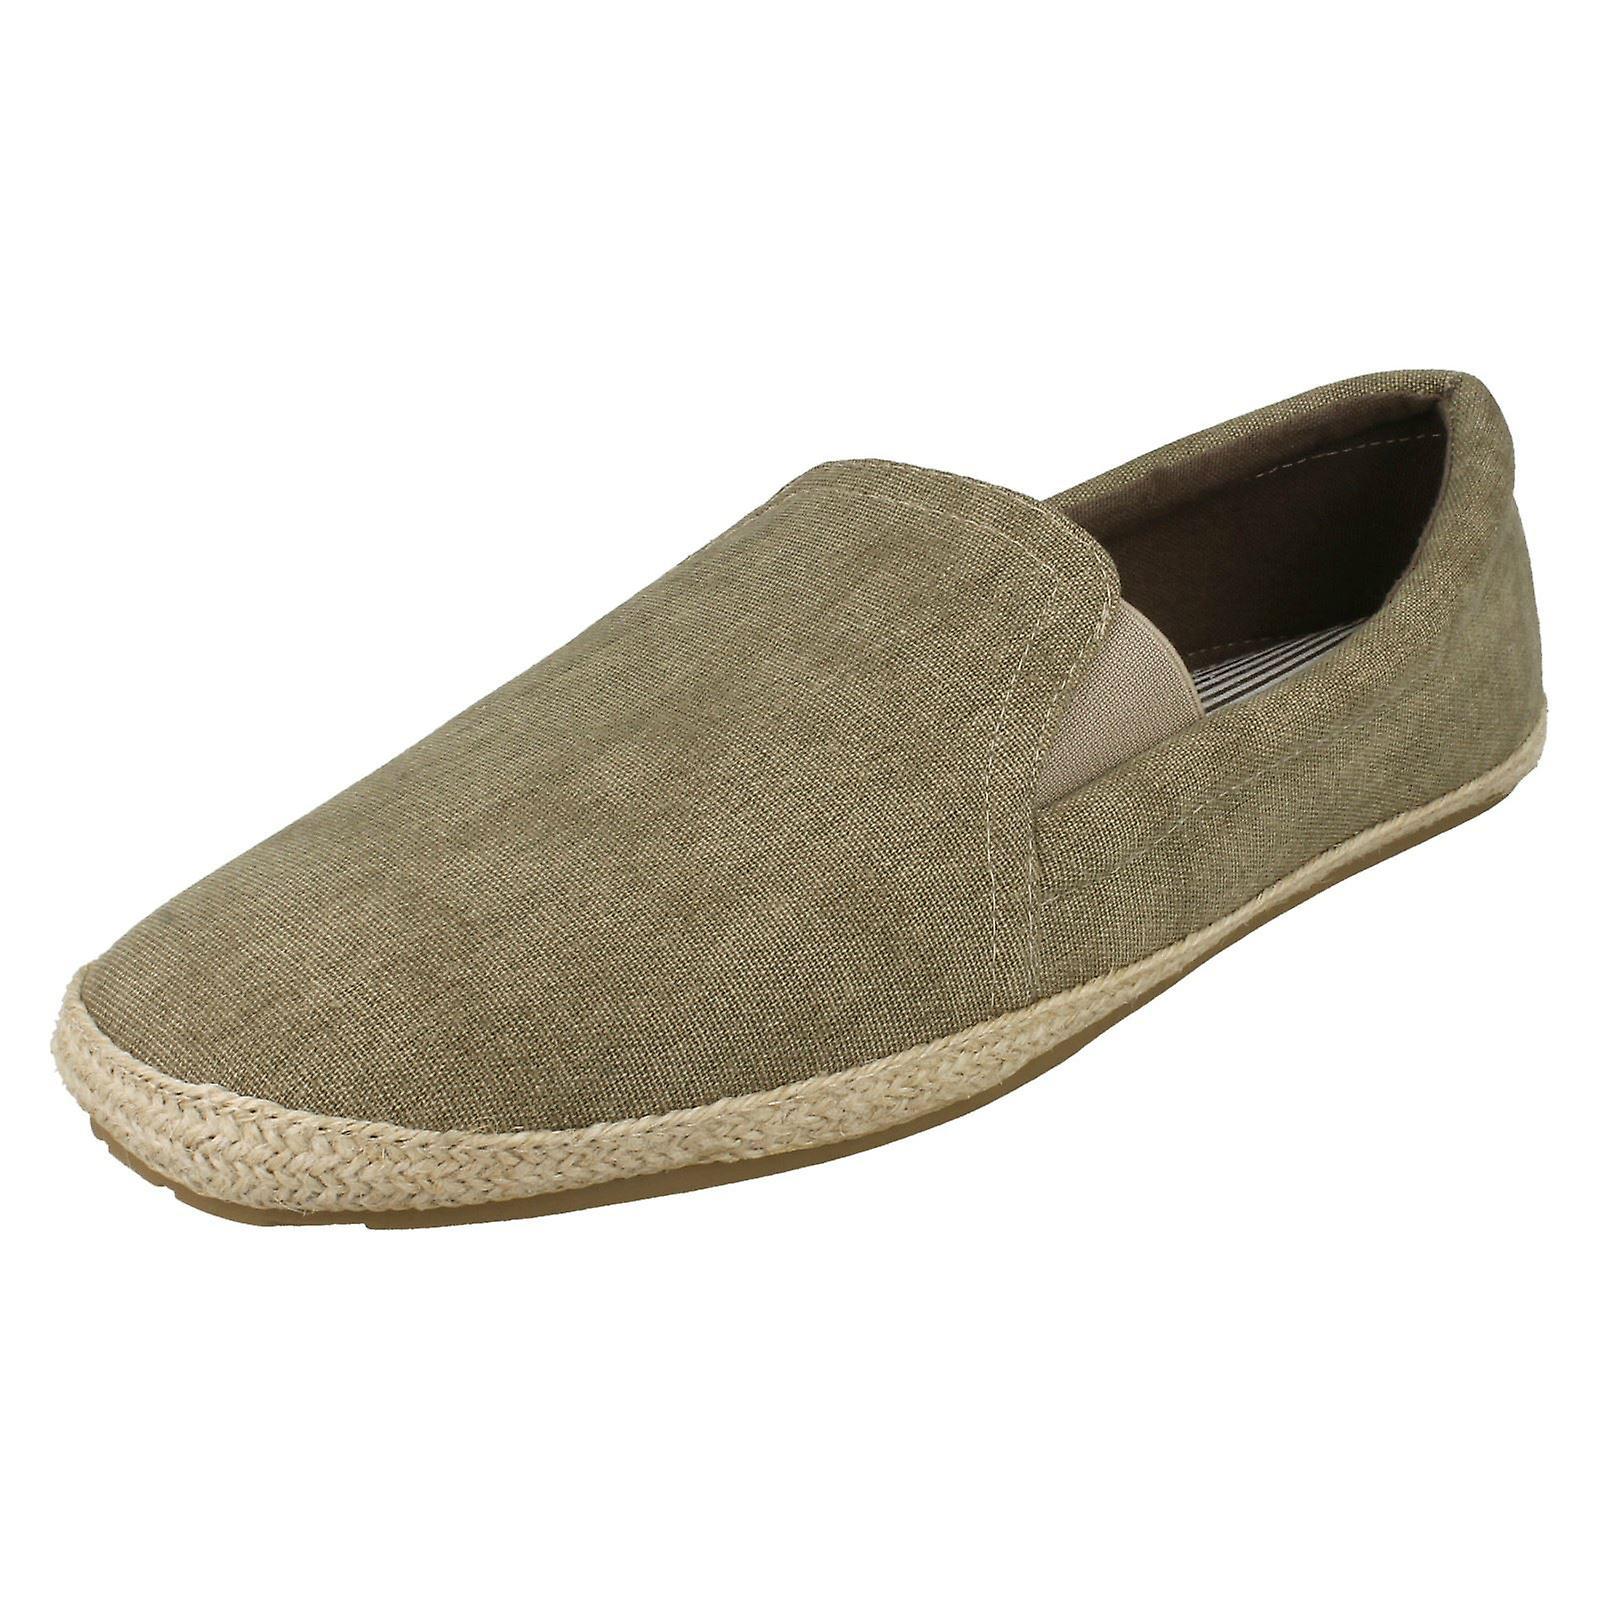 Mens Maverick Canvas Shoes - Brown Canvas Canvas Canvas - UK Size 8 - EU Size 42 - US Size 9 e87241